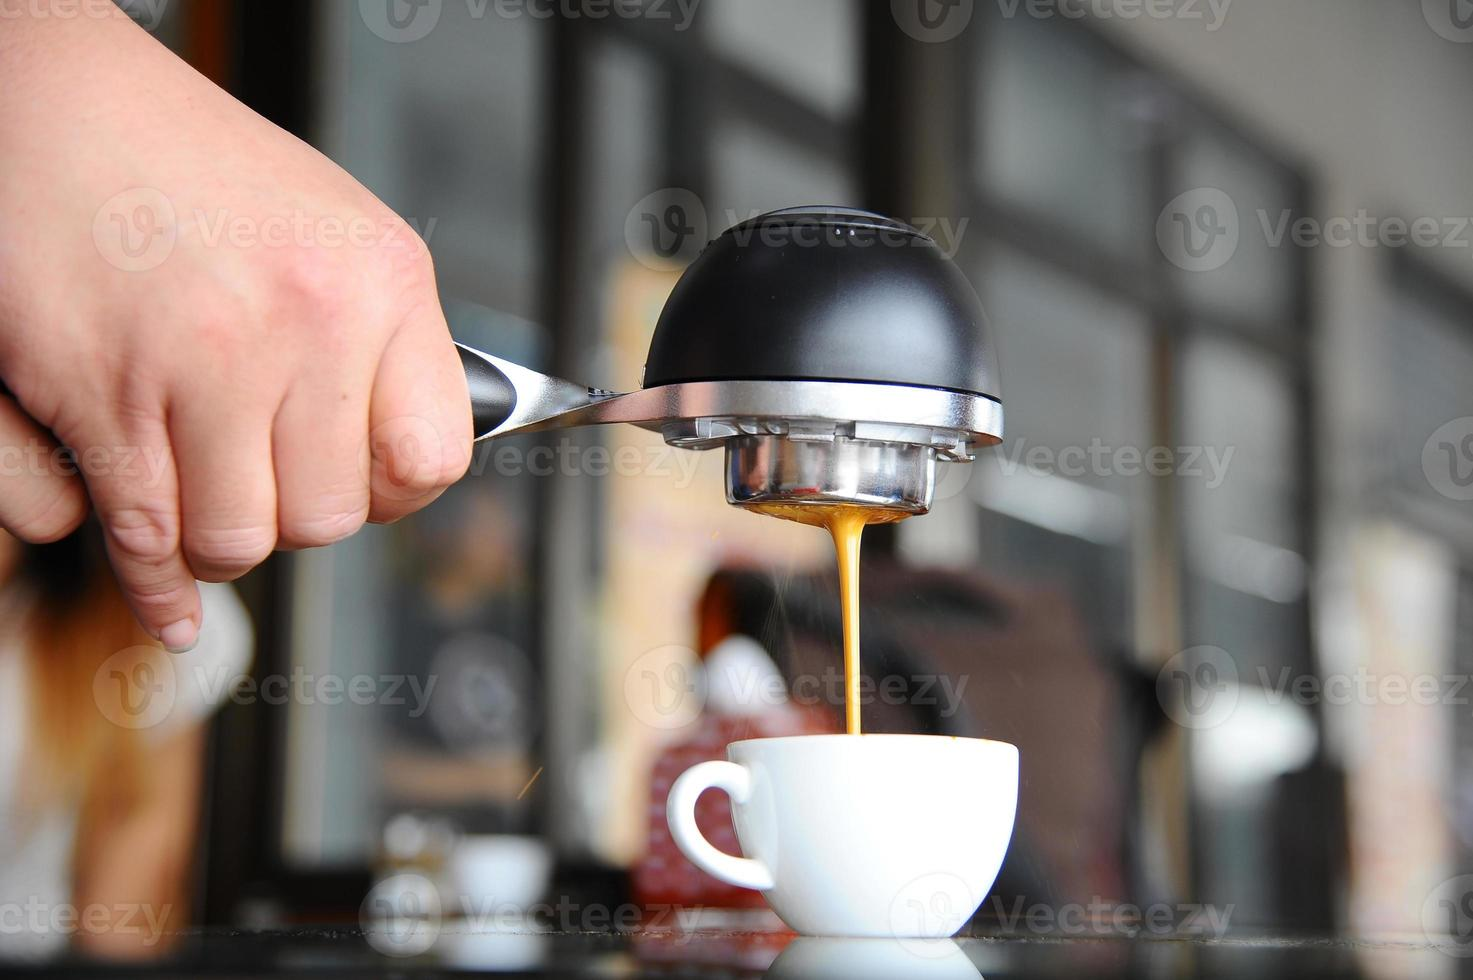 máquina de café expresso móvel na mão barista. foto